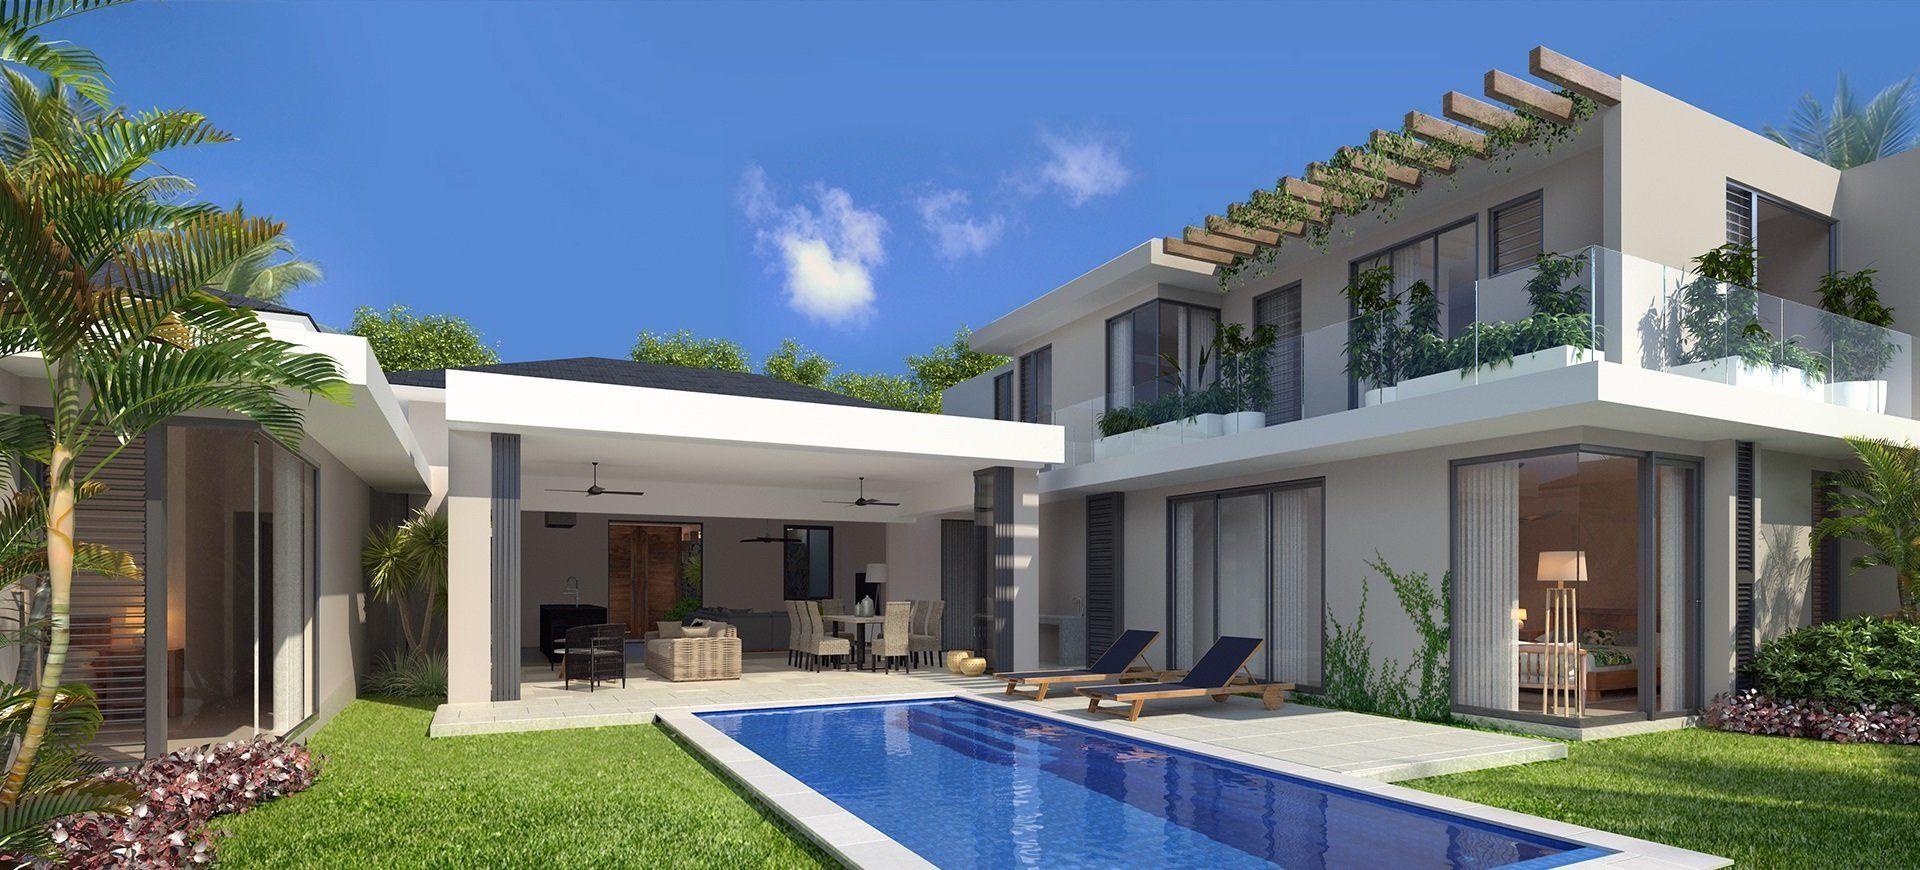 Maison à vendre 5 251.39m2 à Ile Maurice vignette-1